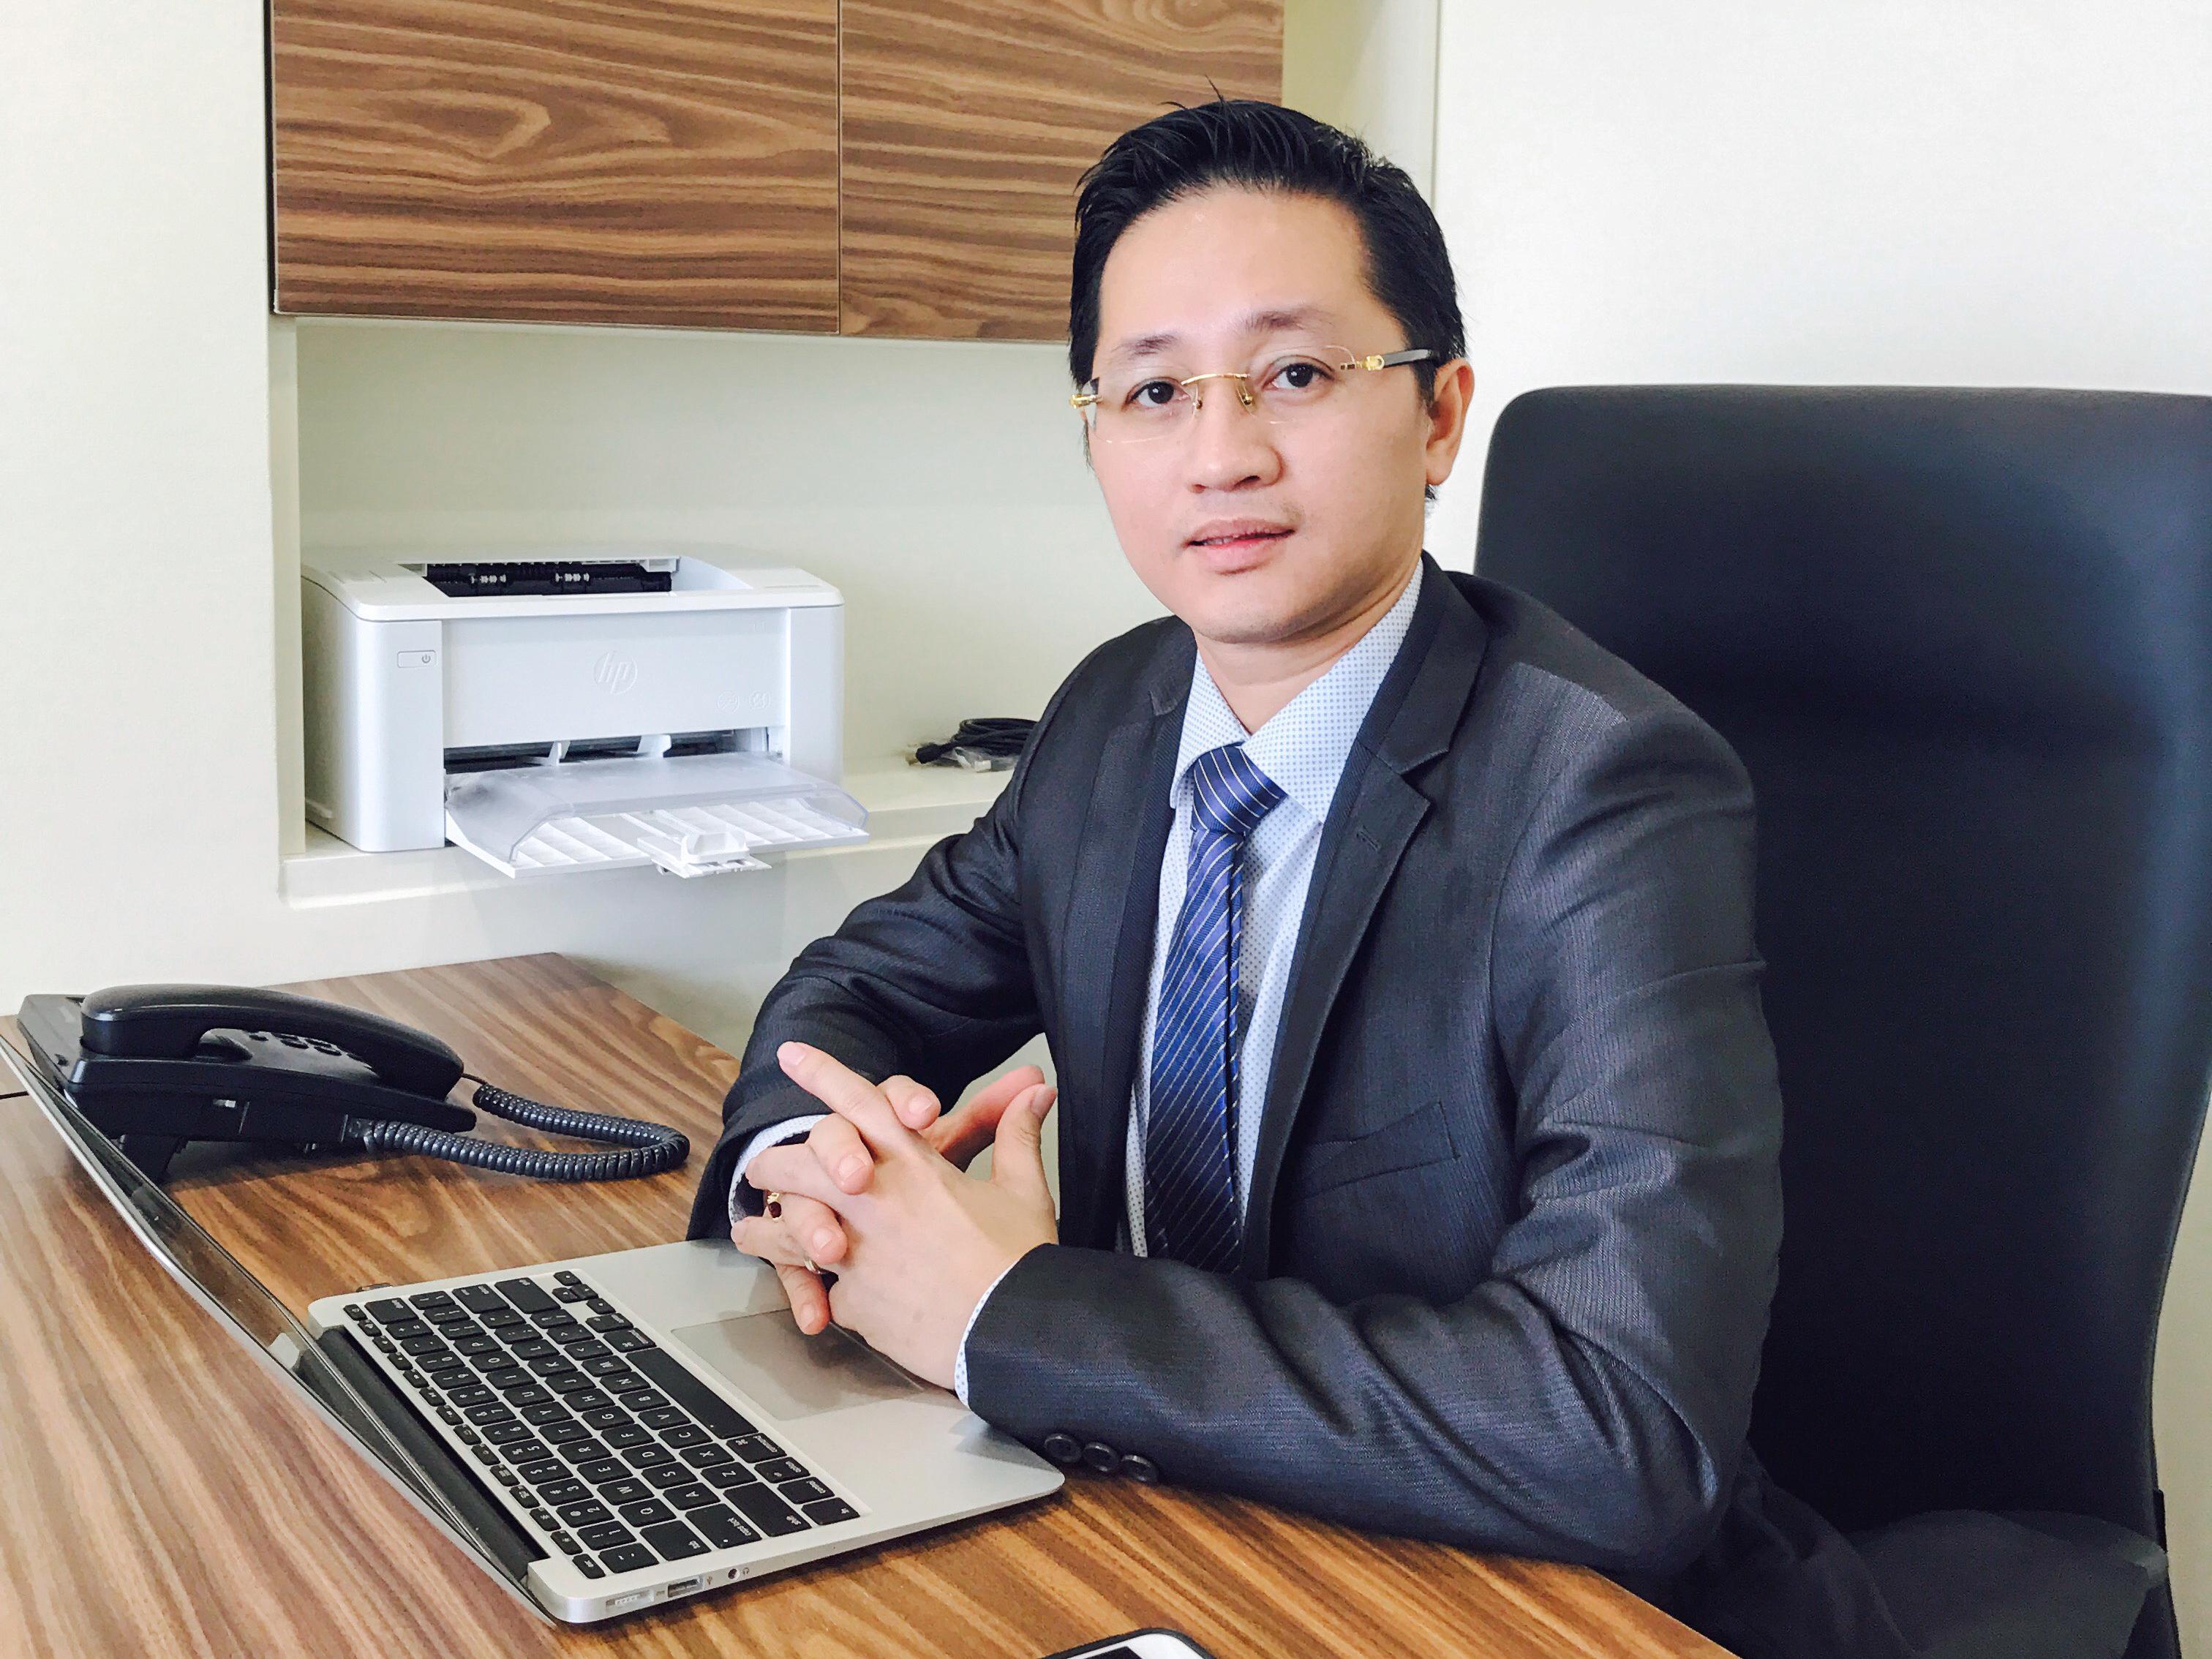 Ông Chris Đặng, chủ tịch công ty Interimm. Người trực tiếp khảo sát, lựa chọn dự án EB5 giới thiệu đến nhà đầu tư Việt Nam